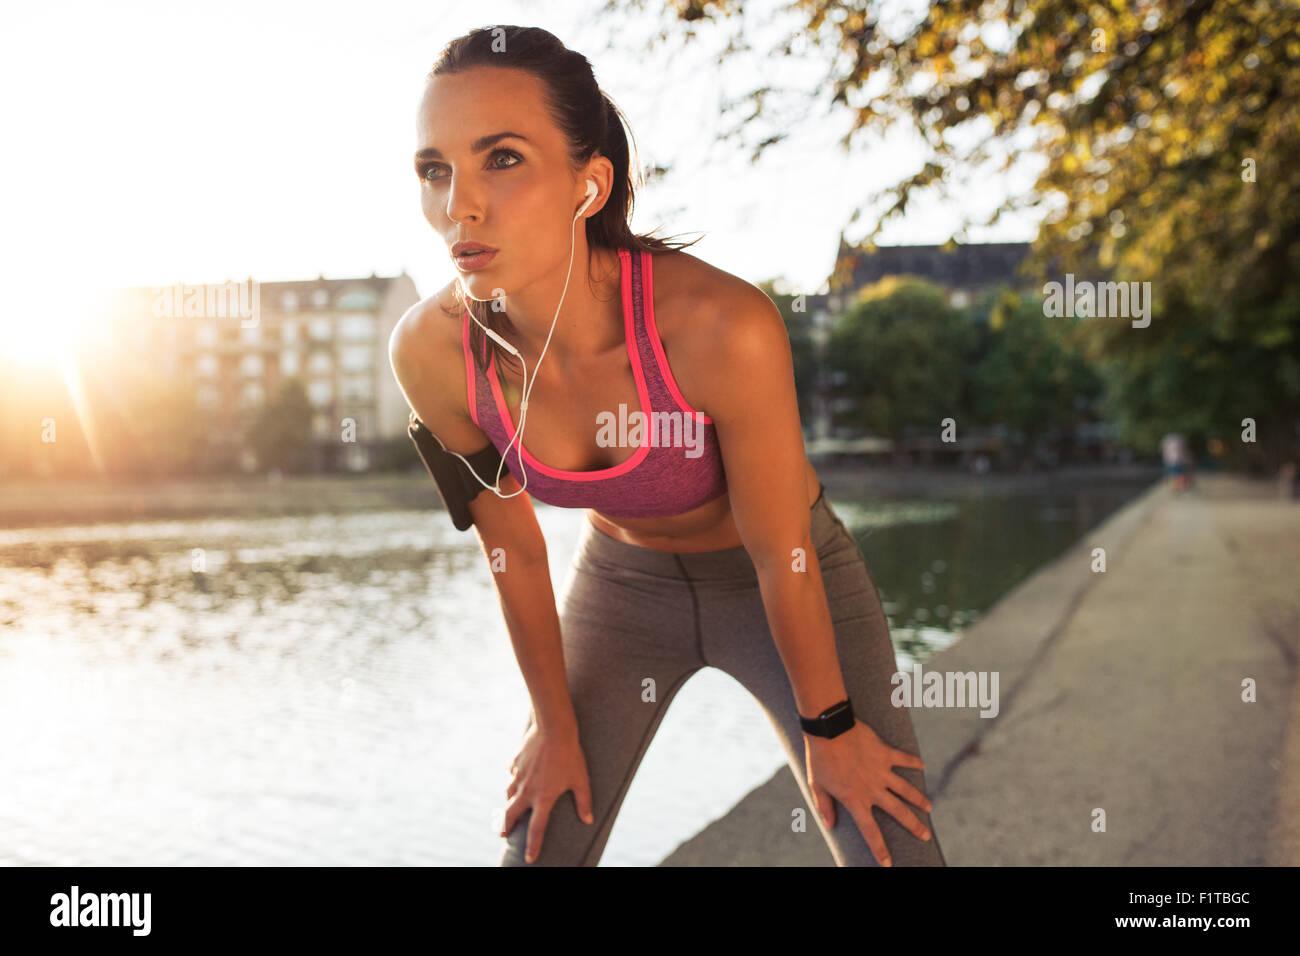 Weibliche Läufer stehend gebeugt und fangen ihr Atem nach einer laufenden Sitzung entlang See in der Stadt. Stockbild